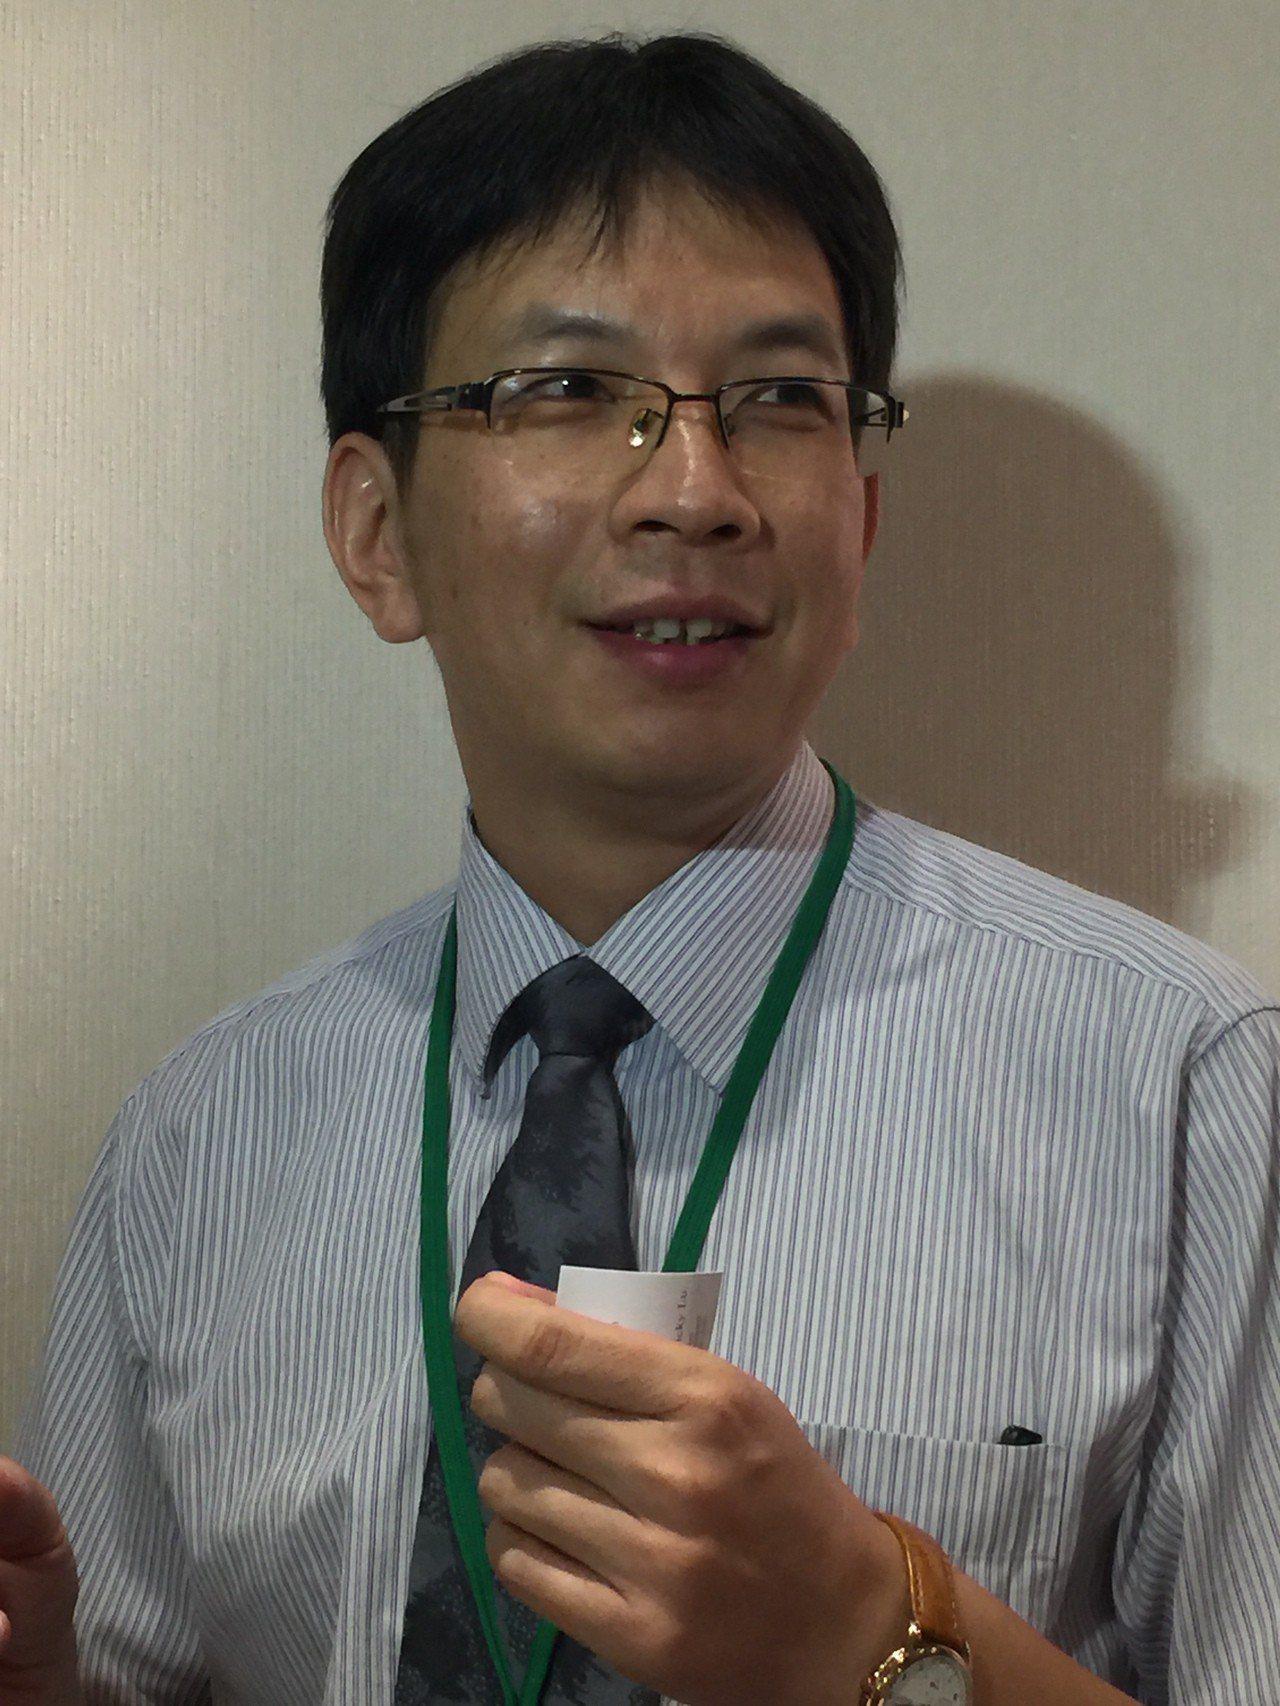 陽明大學附設醫院職業醫學科醫師林純吉表示,近年延遲性中毒的案例值得各界關注。記者...